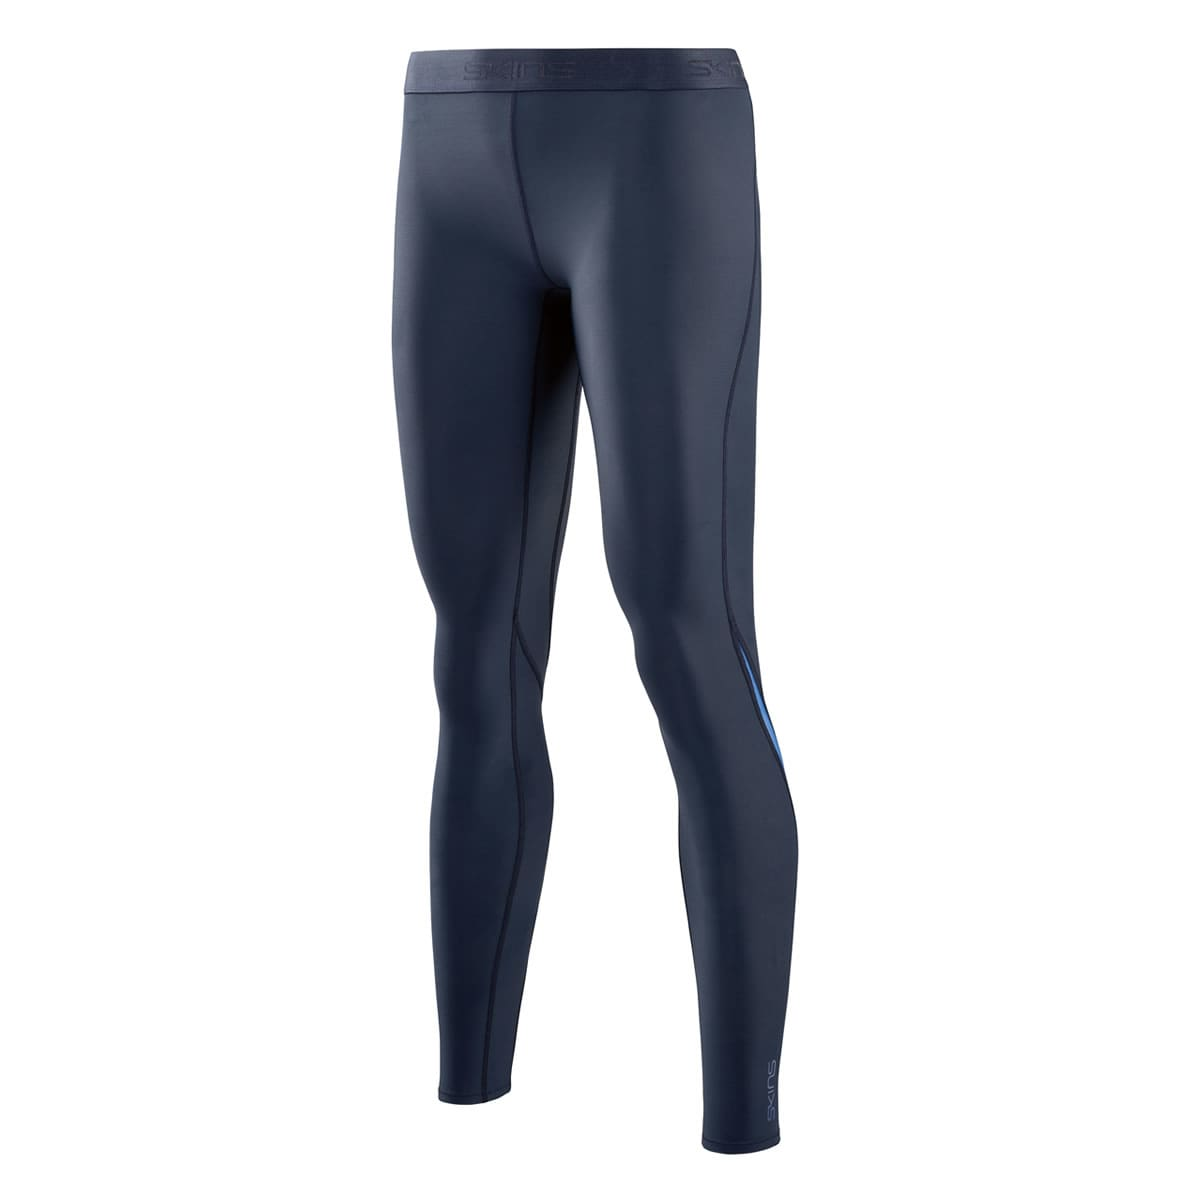 078d0623b5351 DA99060012022-dnamic-long-tights-women-skins-harbour.jpg